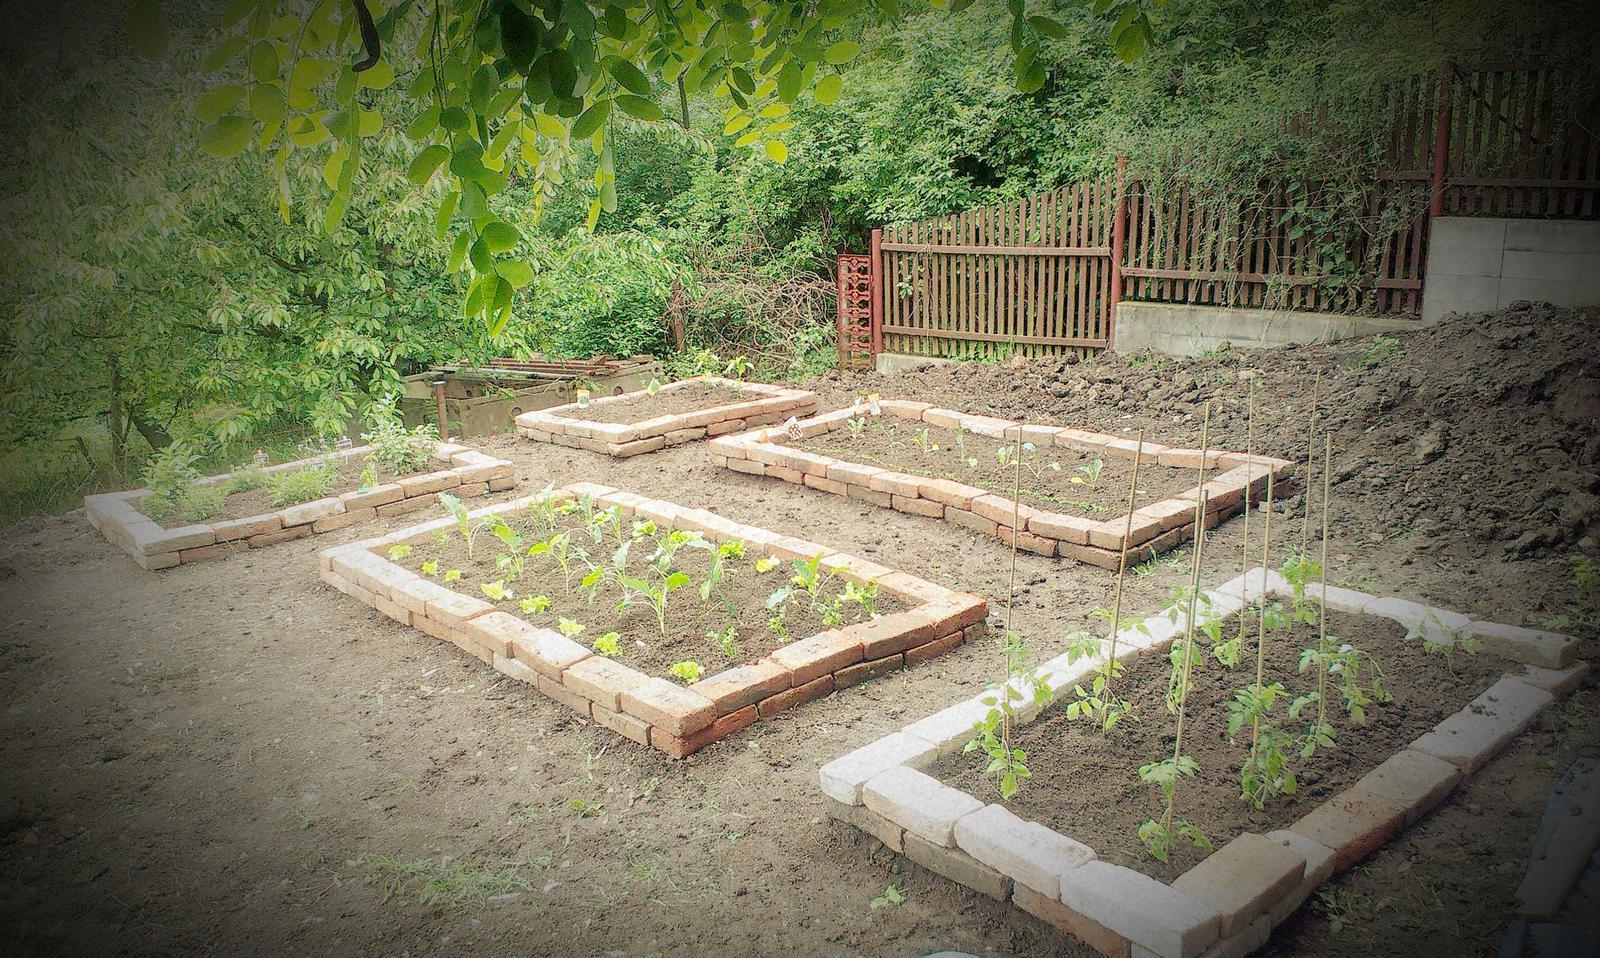 Záhrada - Kým tráva rastie realizujem sa v úžitkovej časti aby sme sa dočkali aj prvej úrody - teda ak nám ju slimáky nezožerú